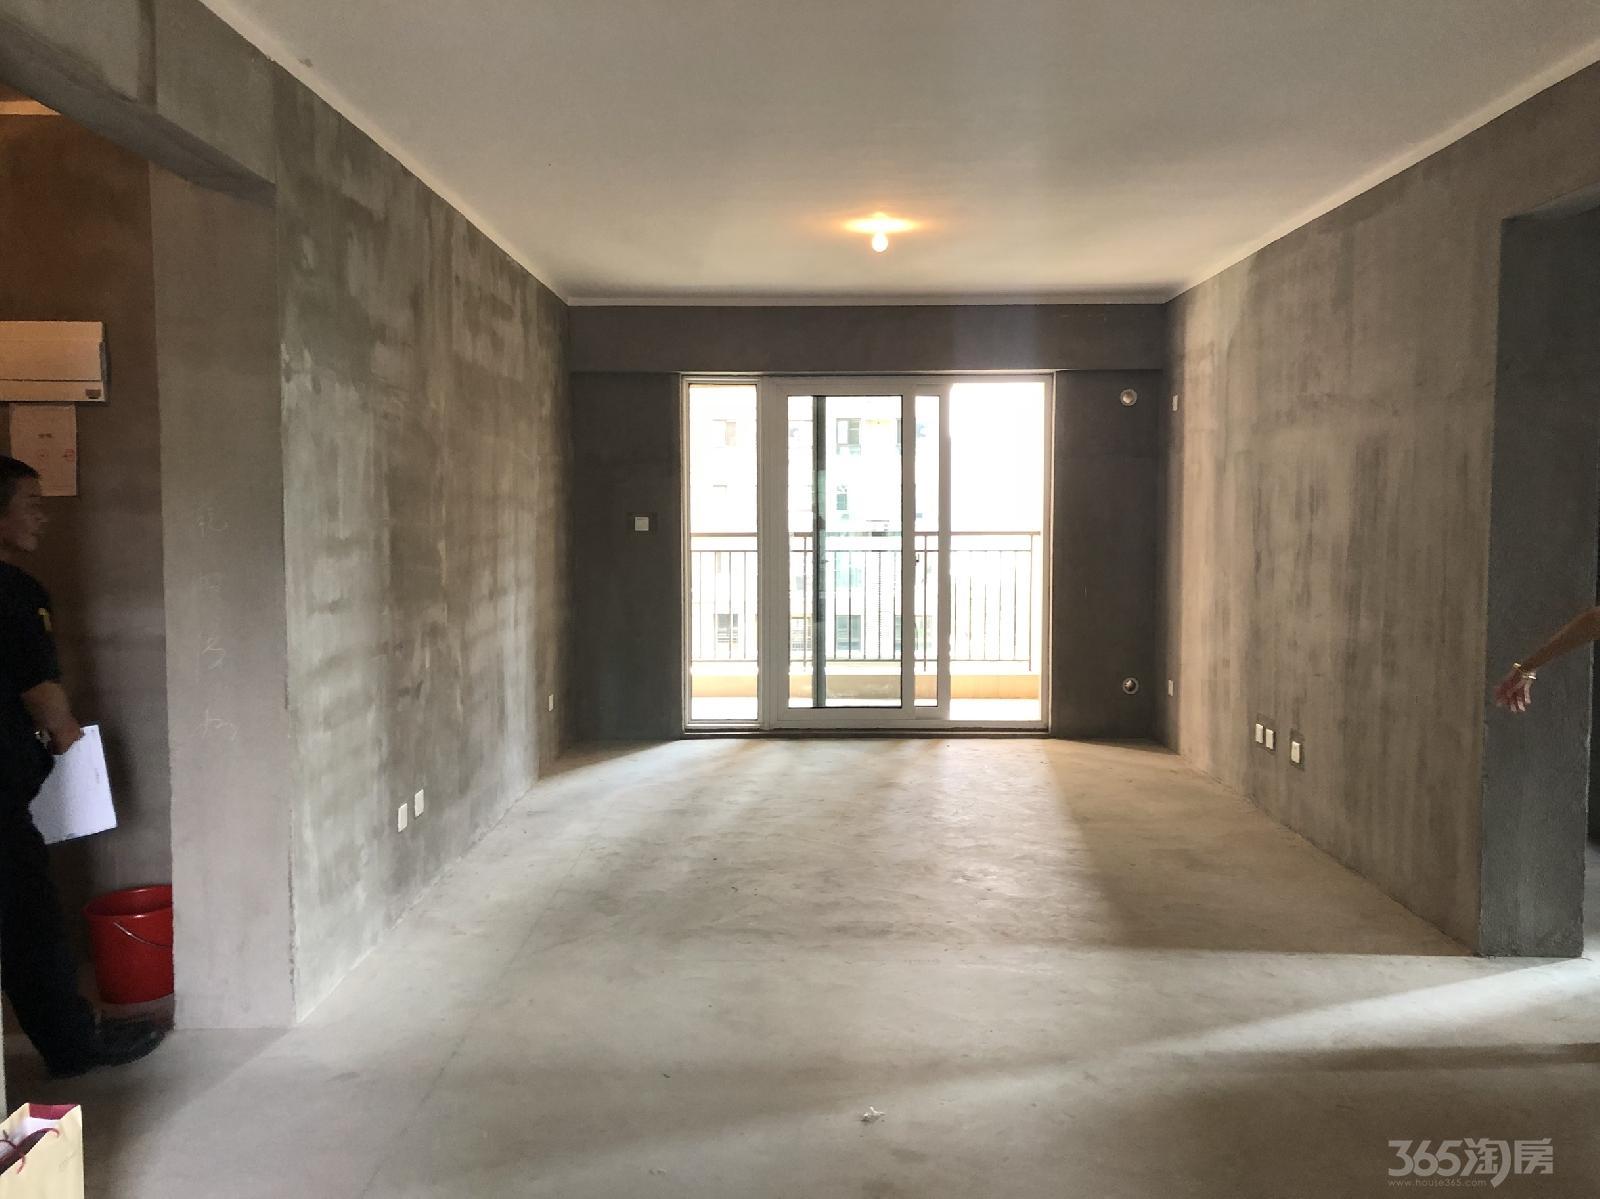 雅居乐涟山3室2厅2卫122平米毛坯产权房2018年建满五年